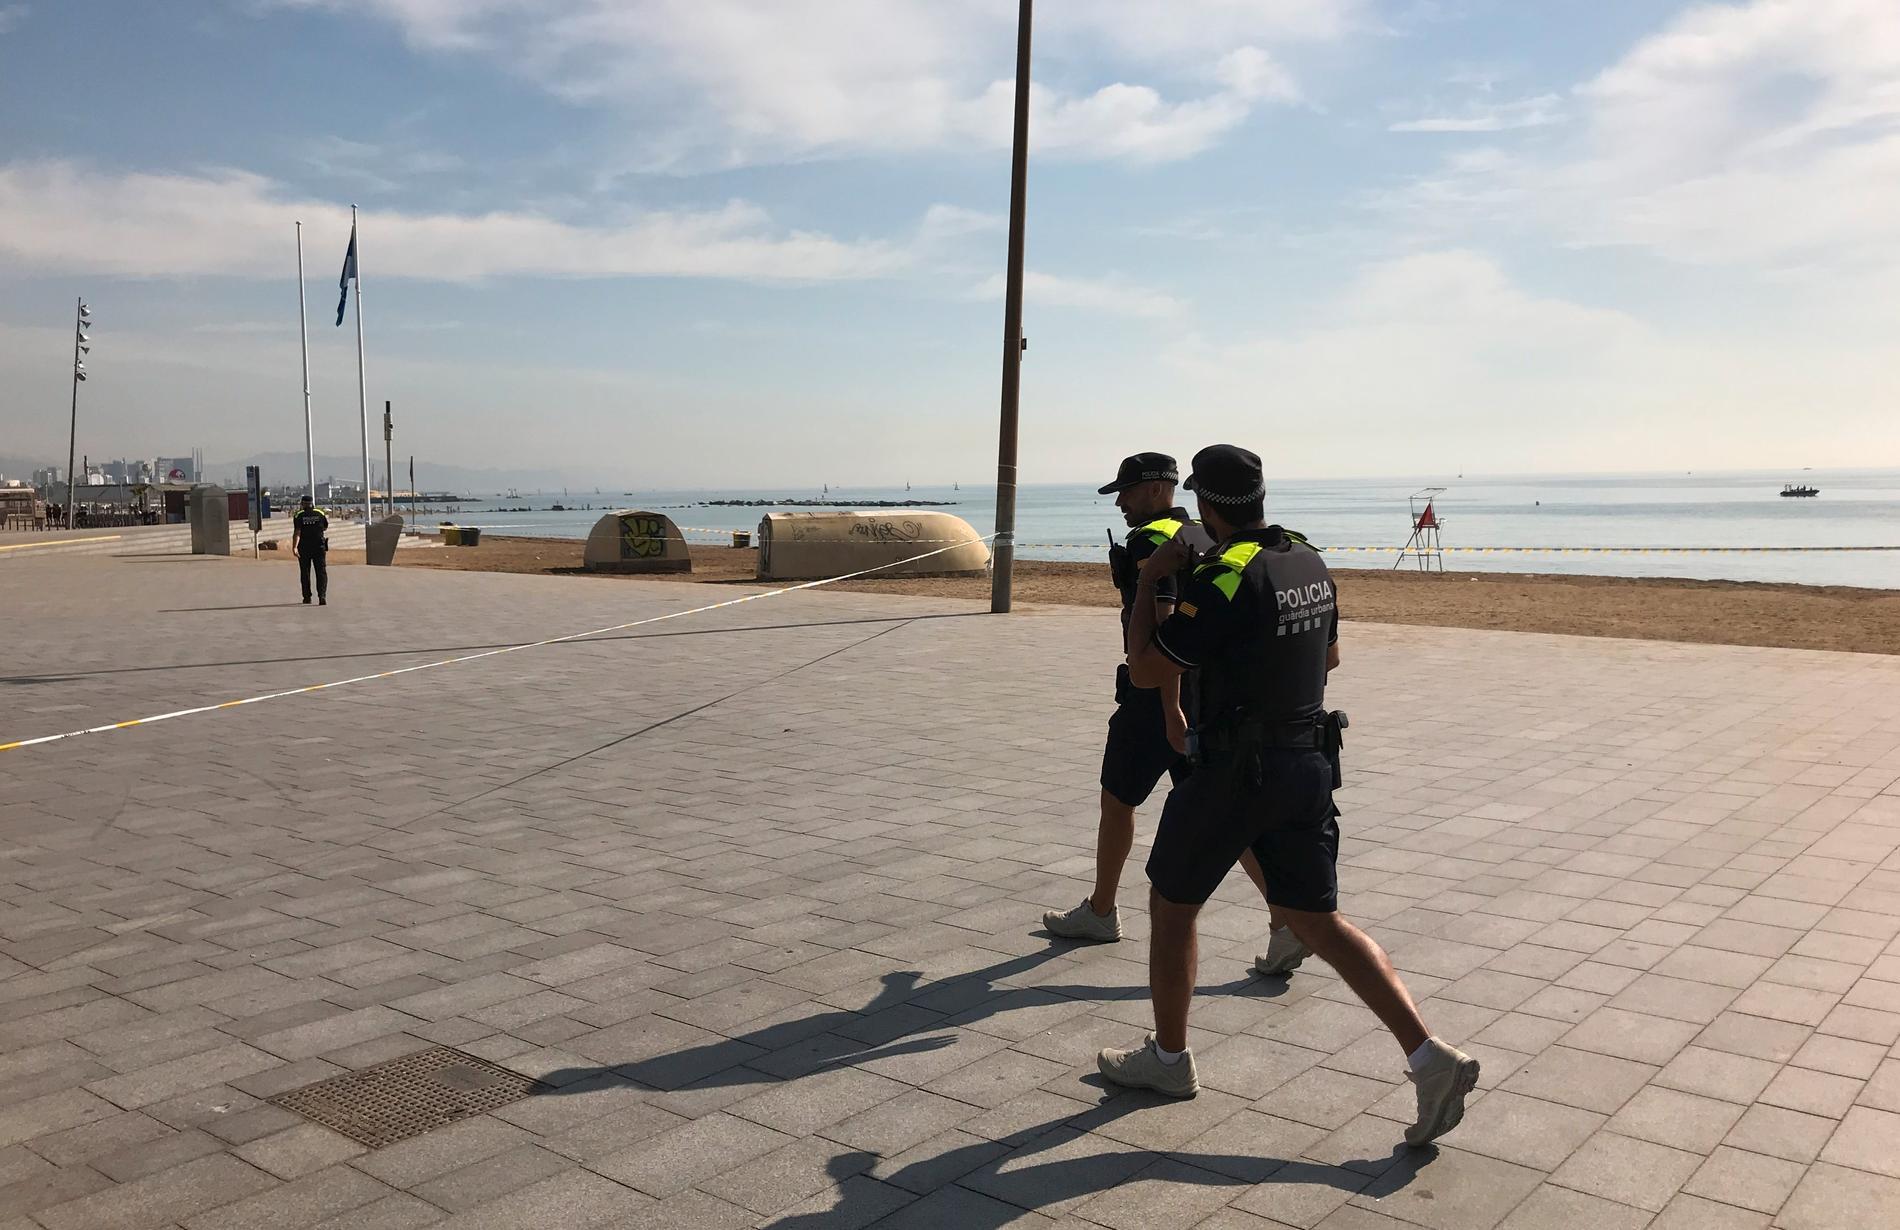 En av Barcelonas stränder evakuerades i augusti på grund av att en bomb från det spanska inbördeskriget hittats. På onsdagen hittades ytterligare en bomb från samma tidsperiod under bygget av en nöjespark utanför Toledo. Arkivbild.